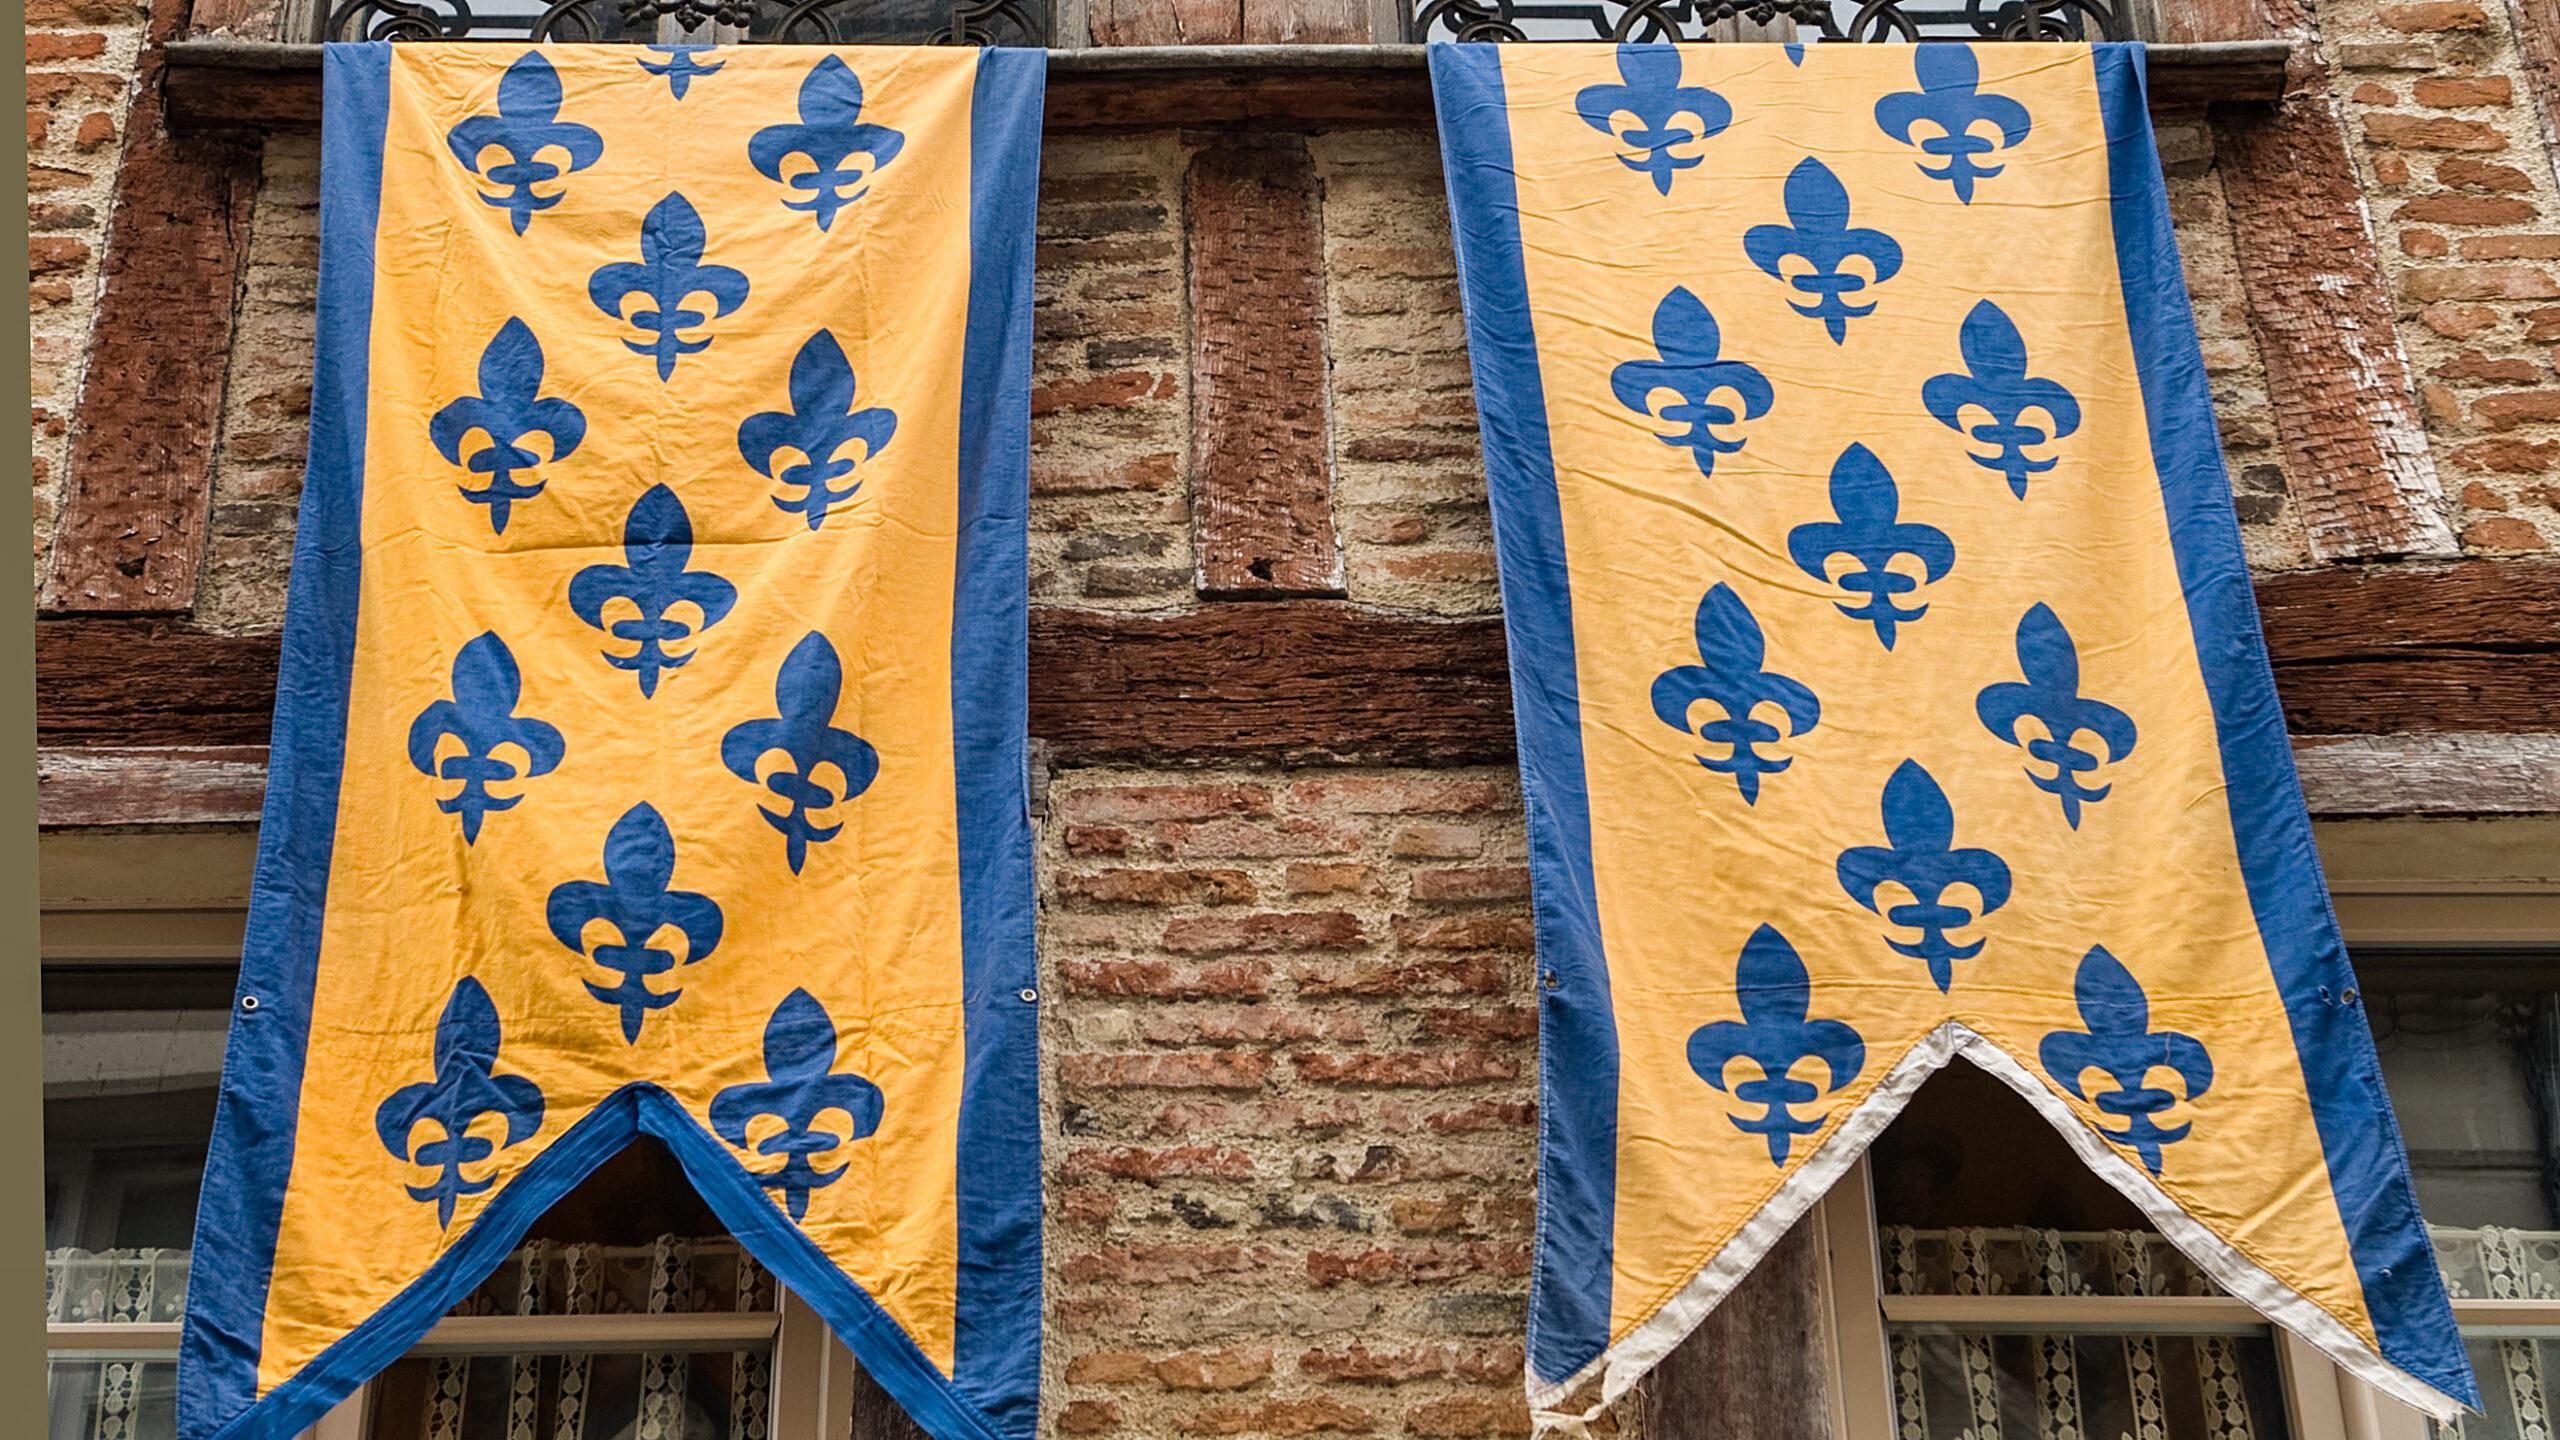 Das Stadtwappen von Laon schmückt beim Mittelalterfest Fassaden. Foto: Hilke Maunder